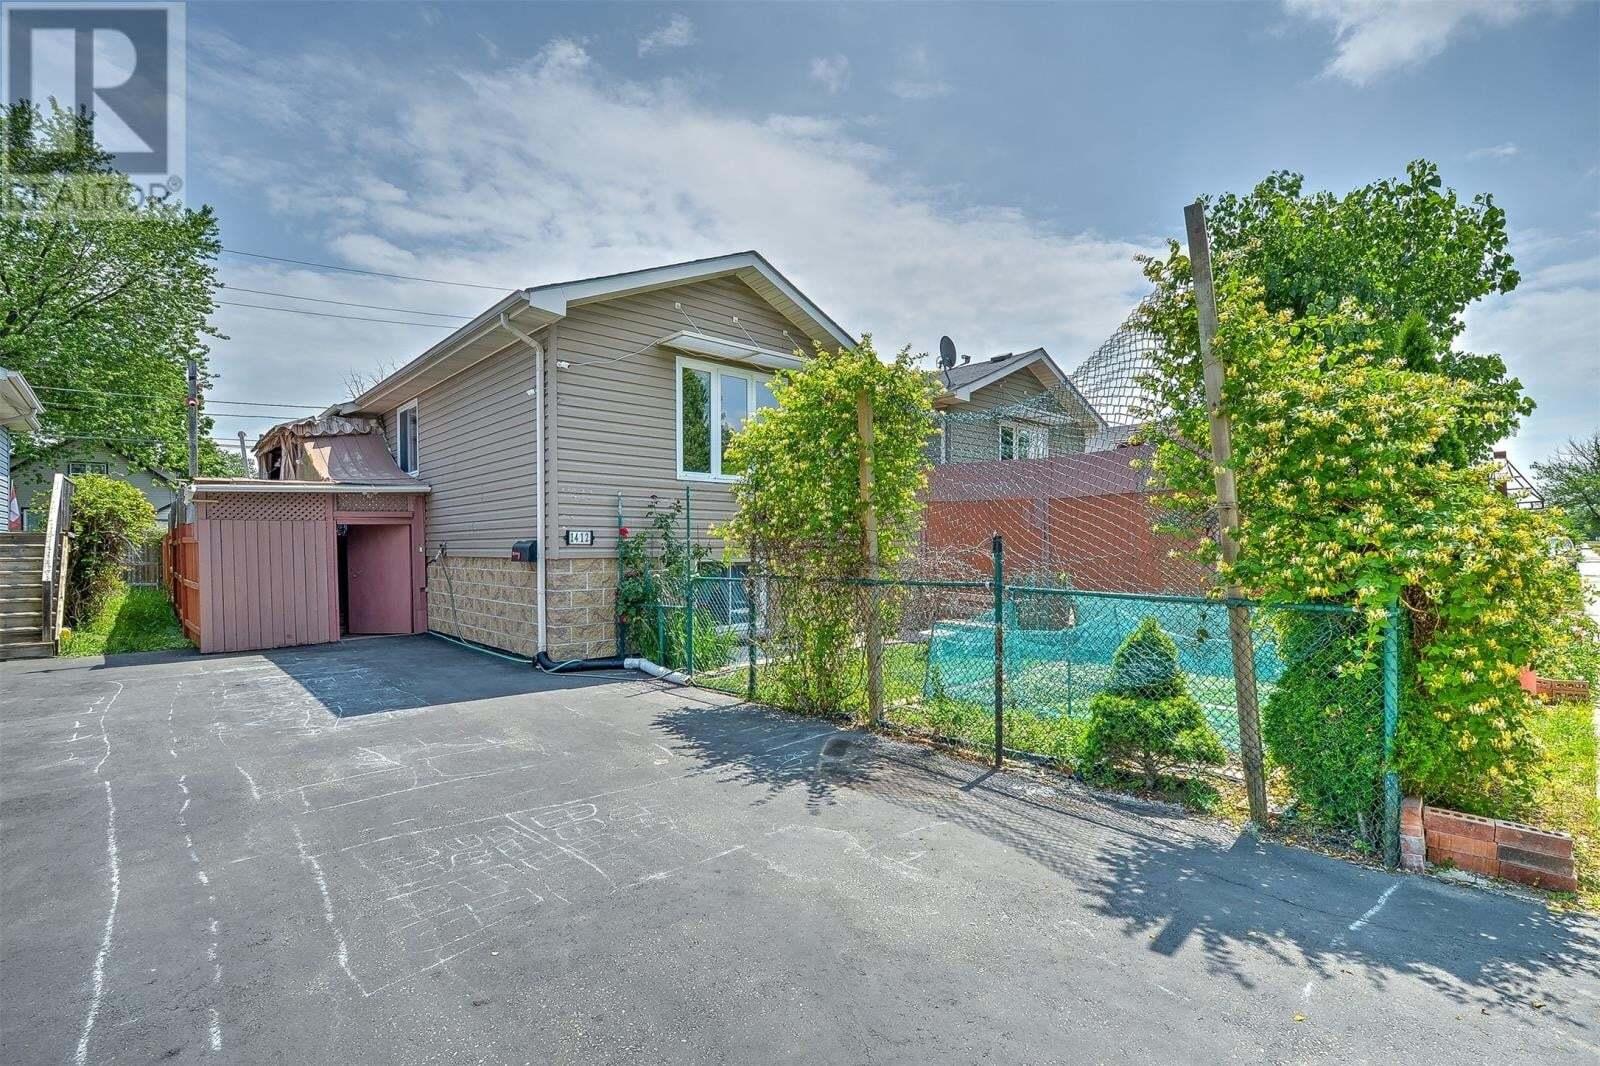 House for sale at 1412 St. Luke  Windsor Ontario - MLS: 20007351